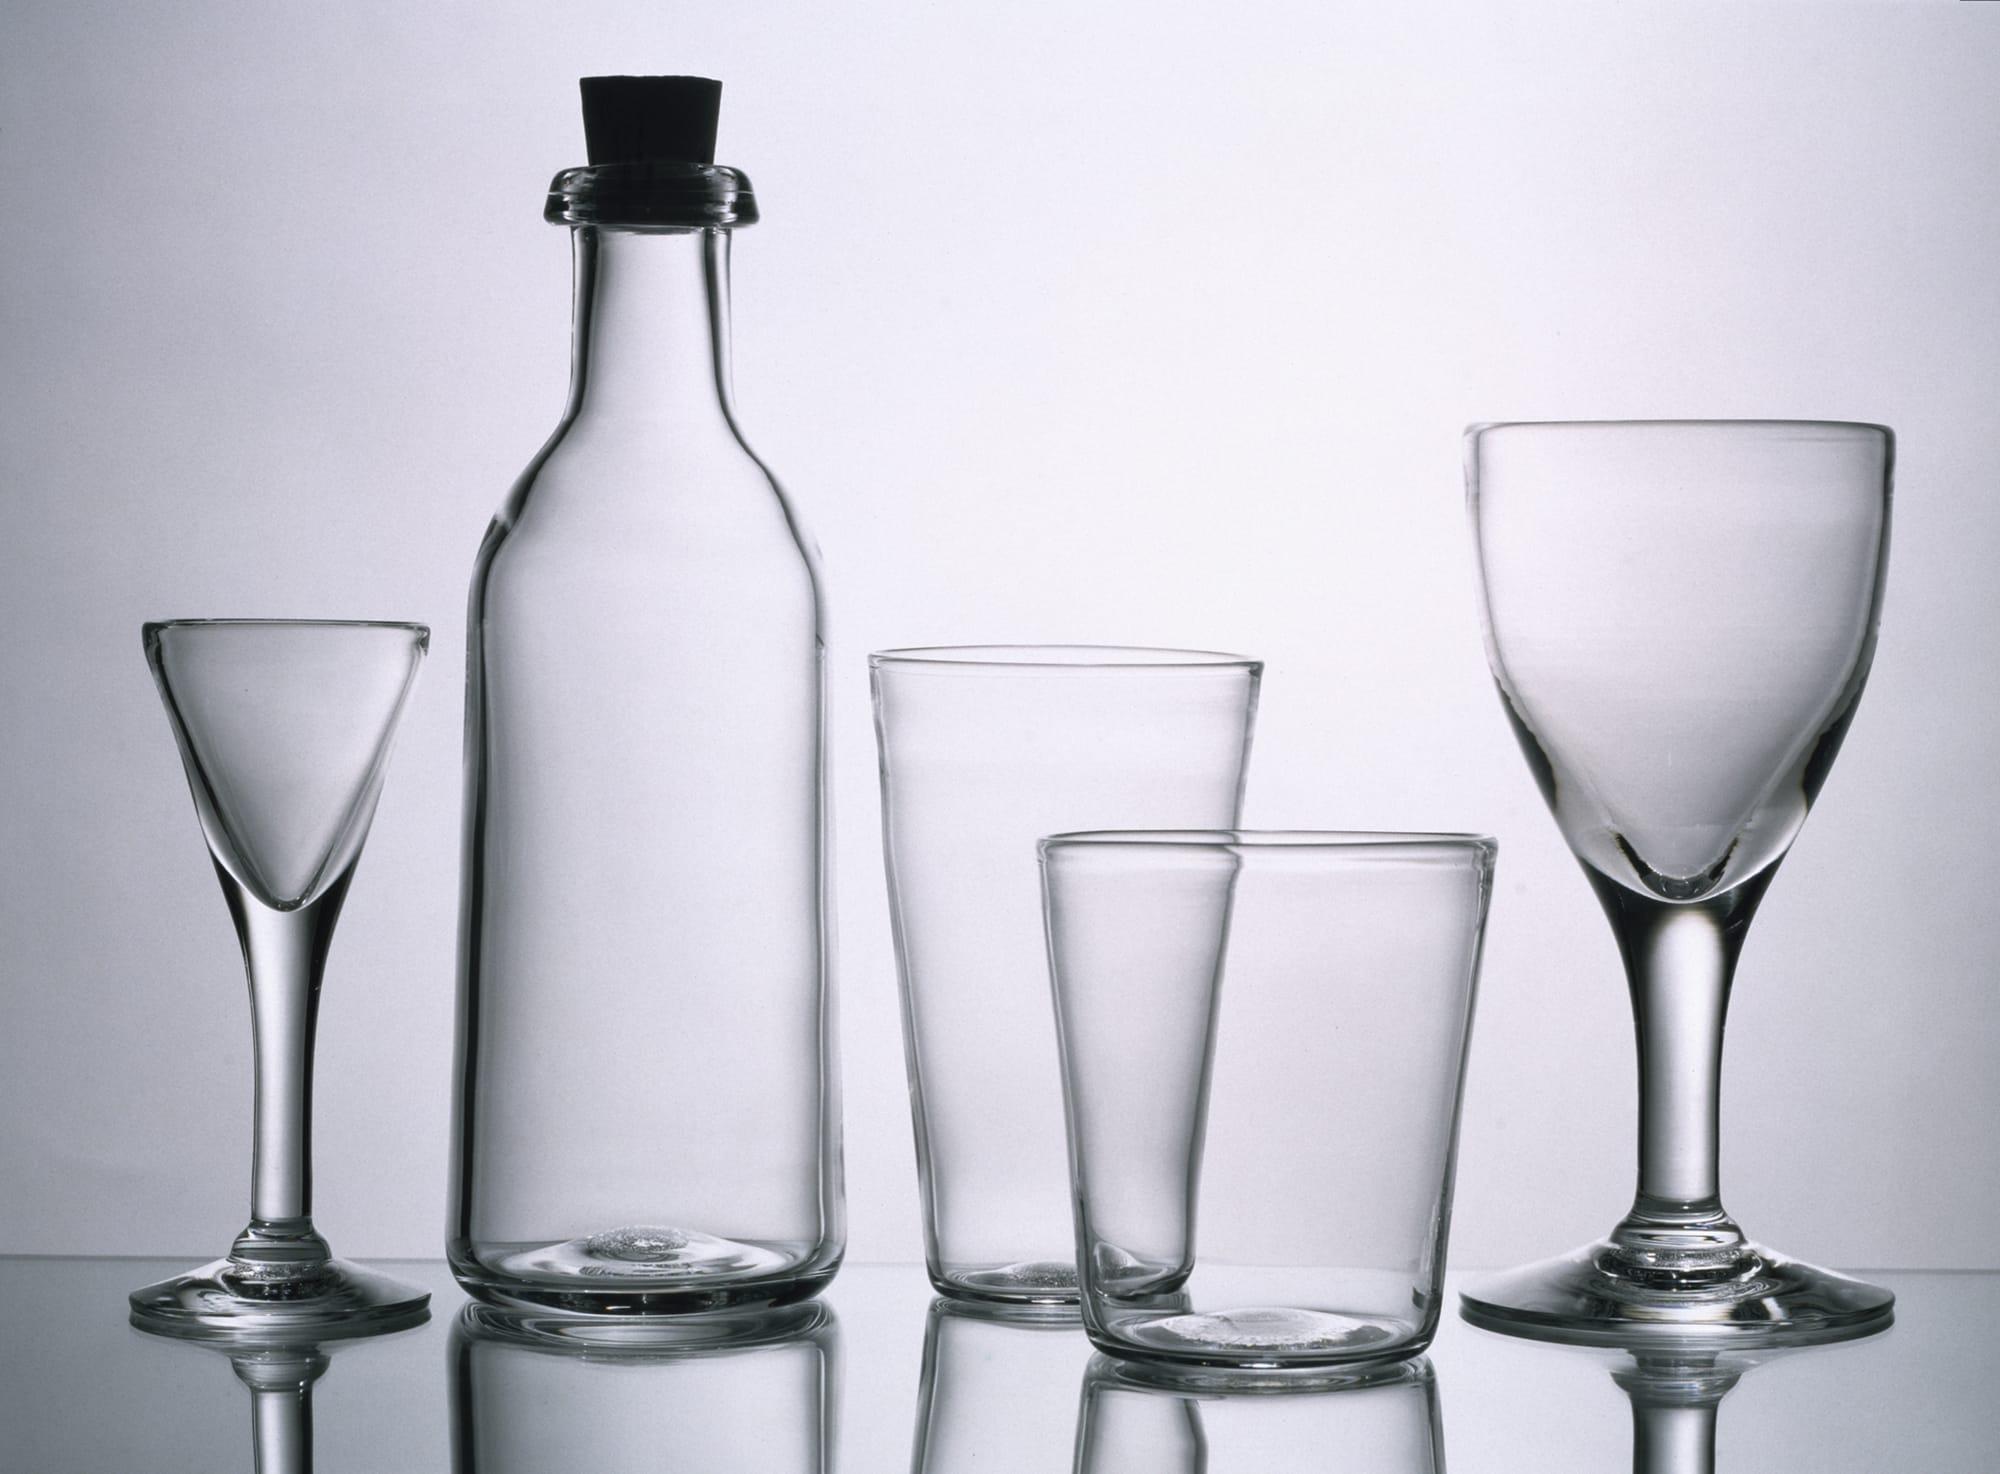 スウェーデンのスクルーフ社のためにデザインしたグラスとワインボトル。